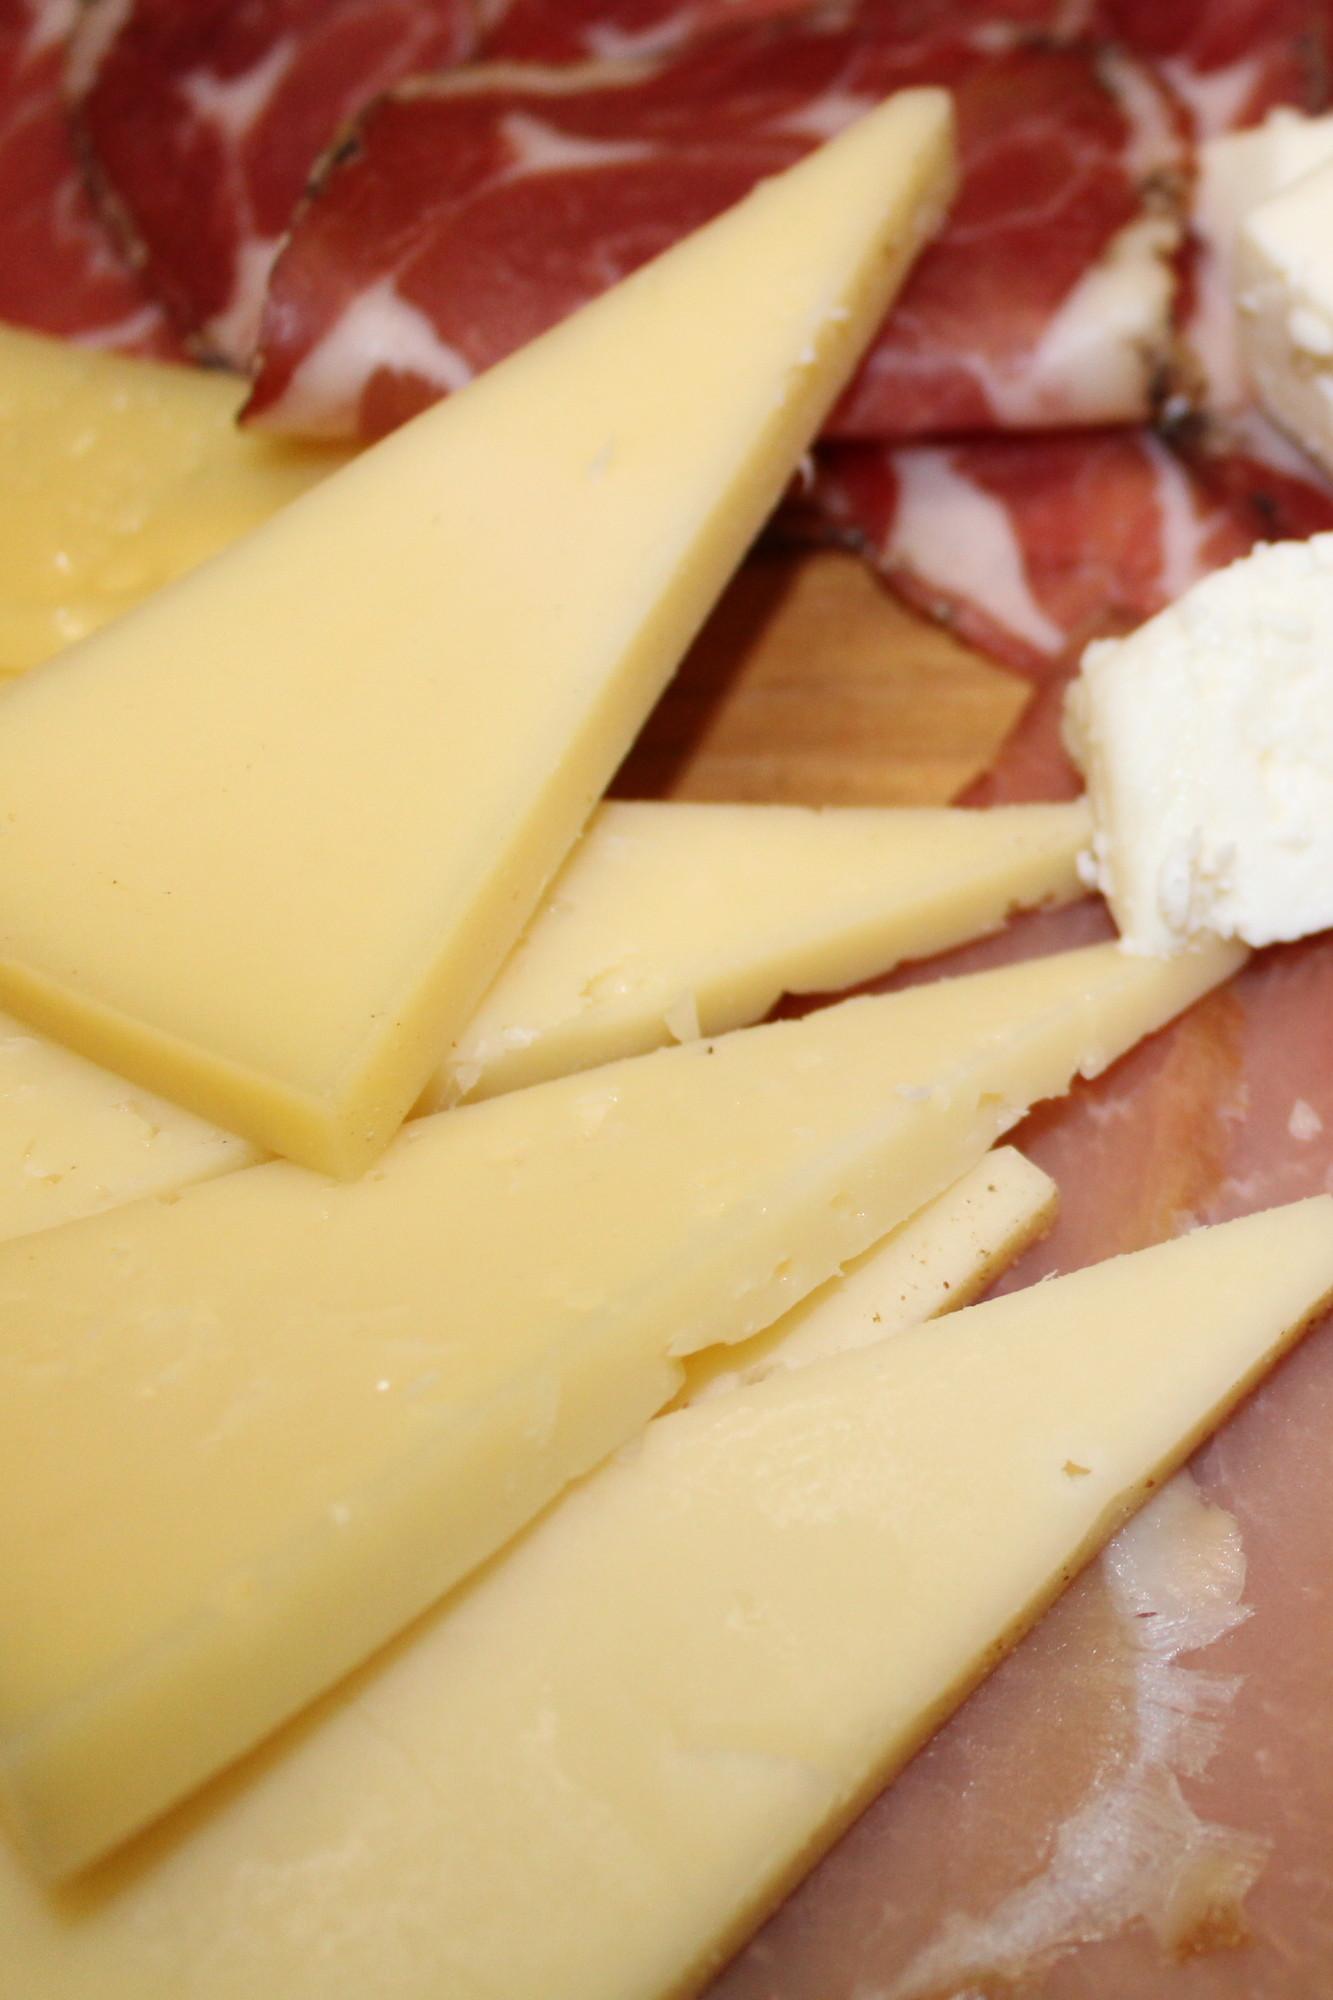 Сыр из Ливно. Фото: Елена Арсениевич, CC BY-SA 3.0